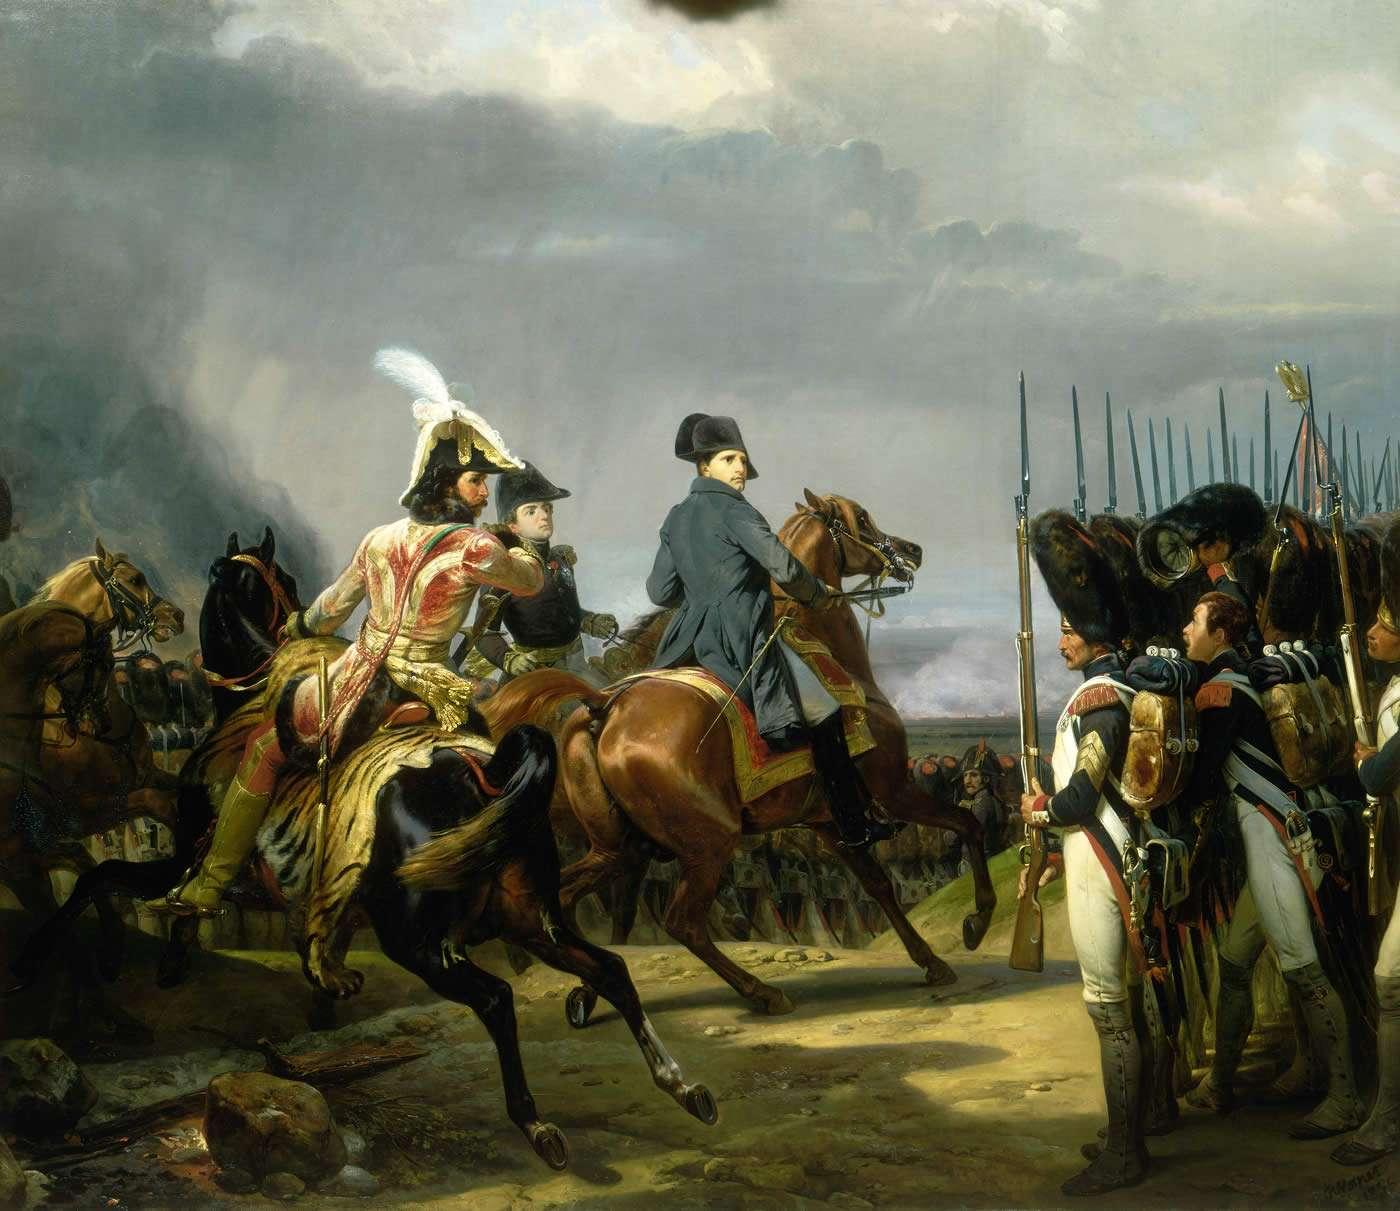 Le 14 octobre 1806, Napoléon Bonaparte a remporté la bataille d'Iéna face à l'armée prussienne. © Horace Vernet, Wikimedia Commons, DP